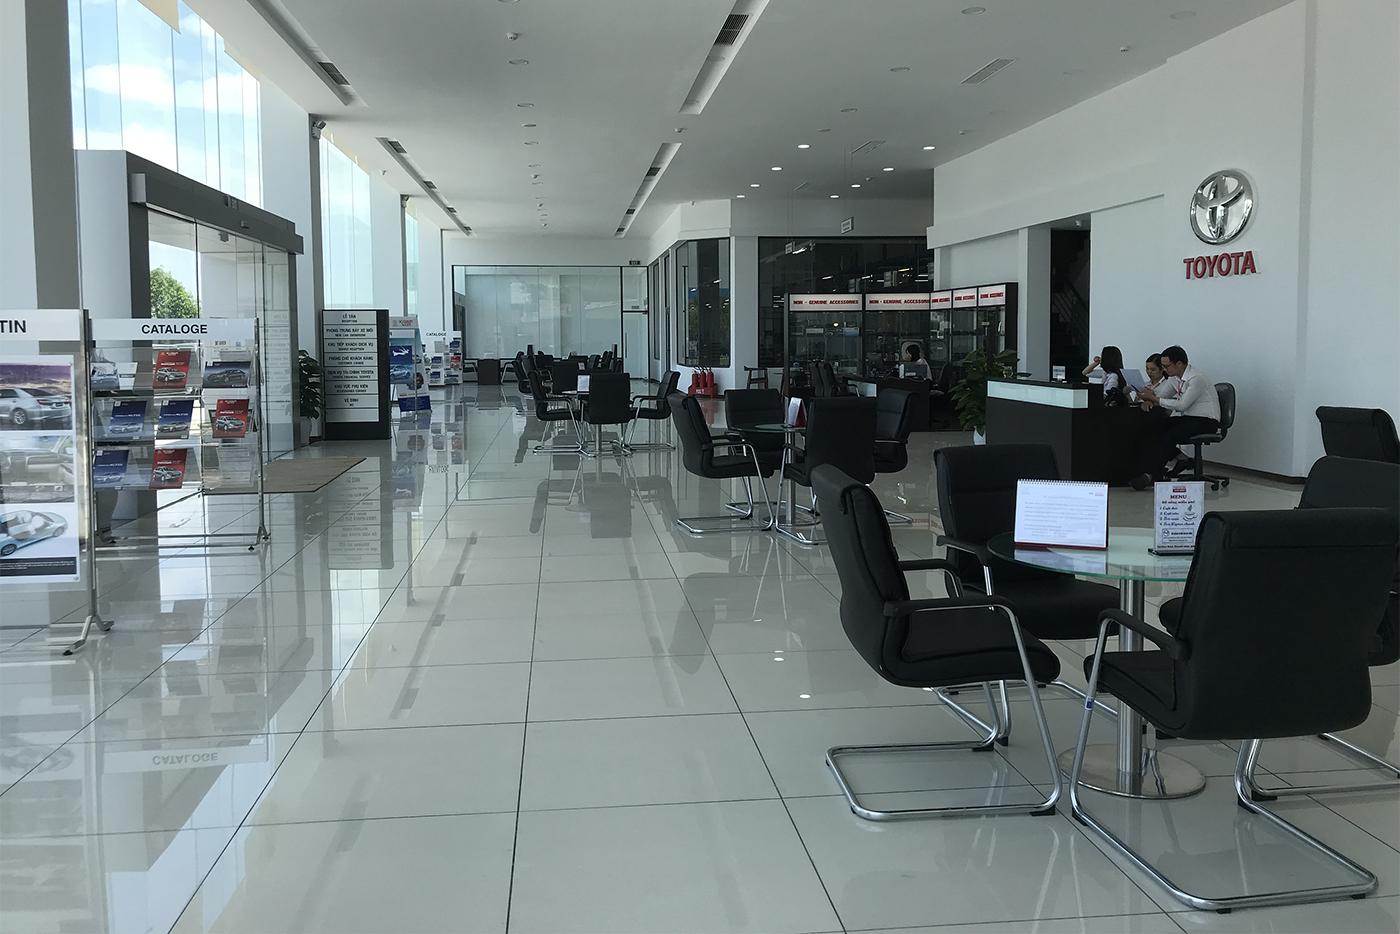 khu-vuc-showroom.jpg